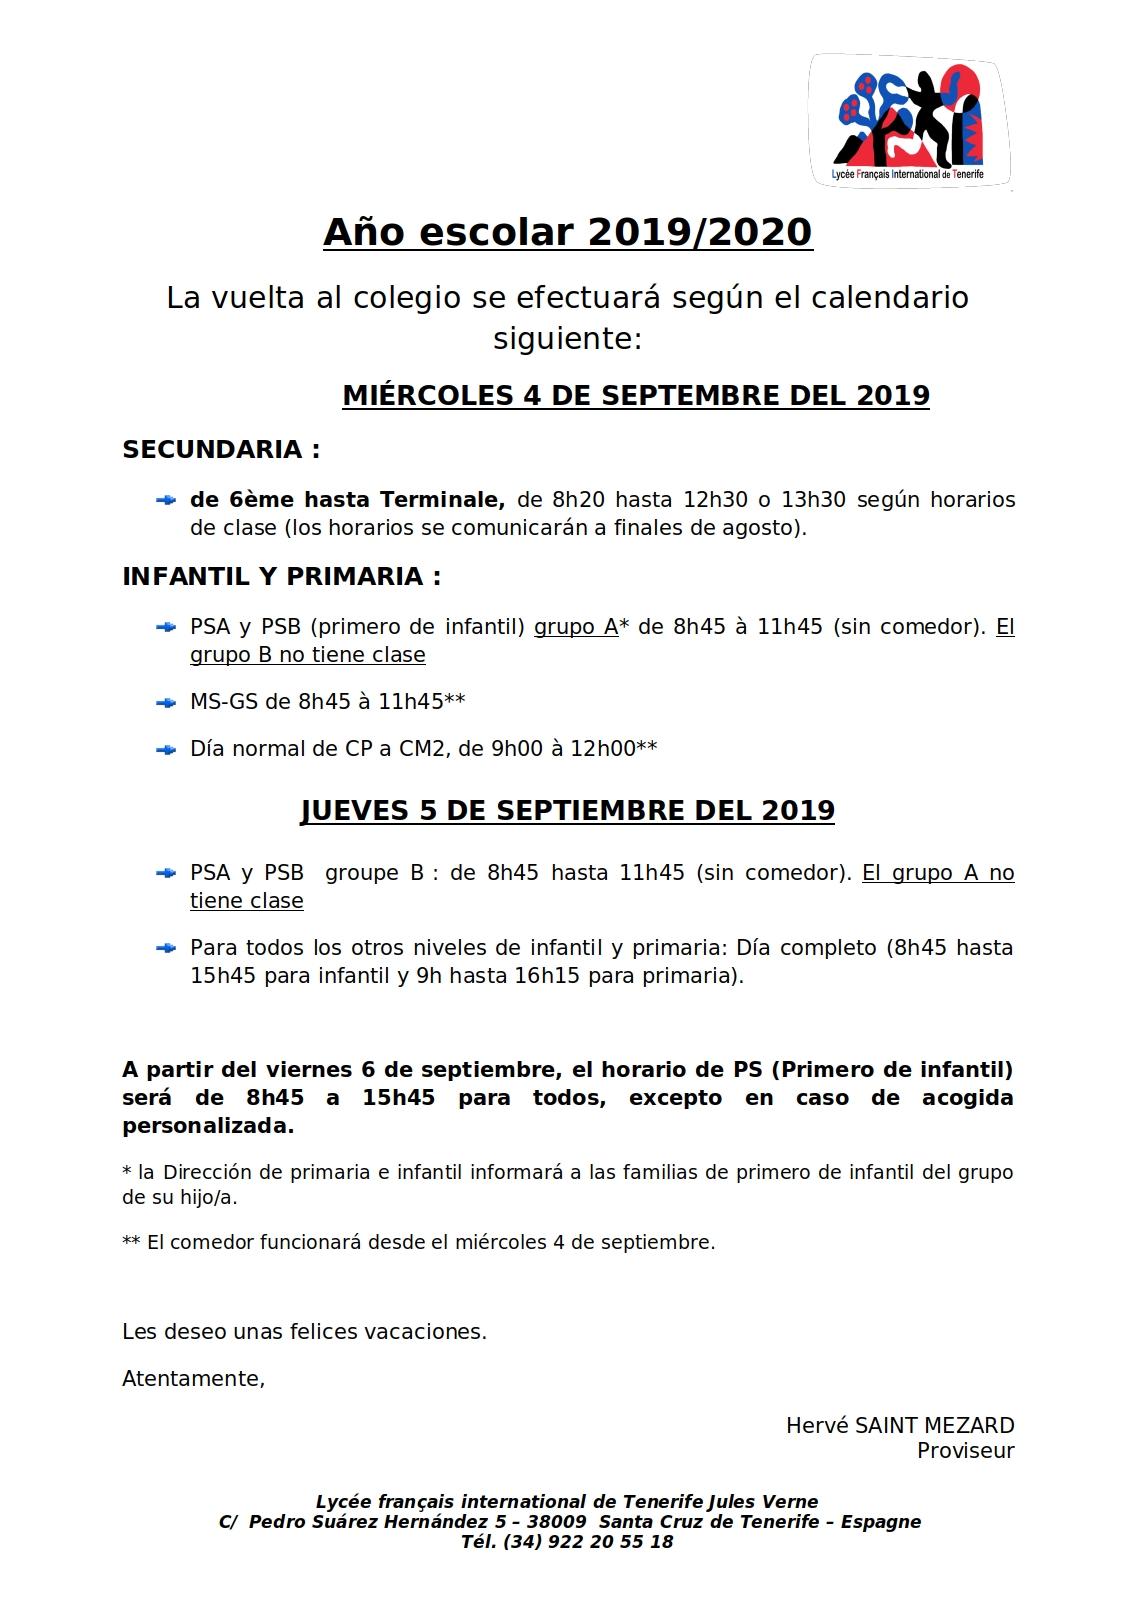 Calendario Escolar 2020 Las Palmas.Bienvenidos Al Liceo Frances Internacional De Tenerife